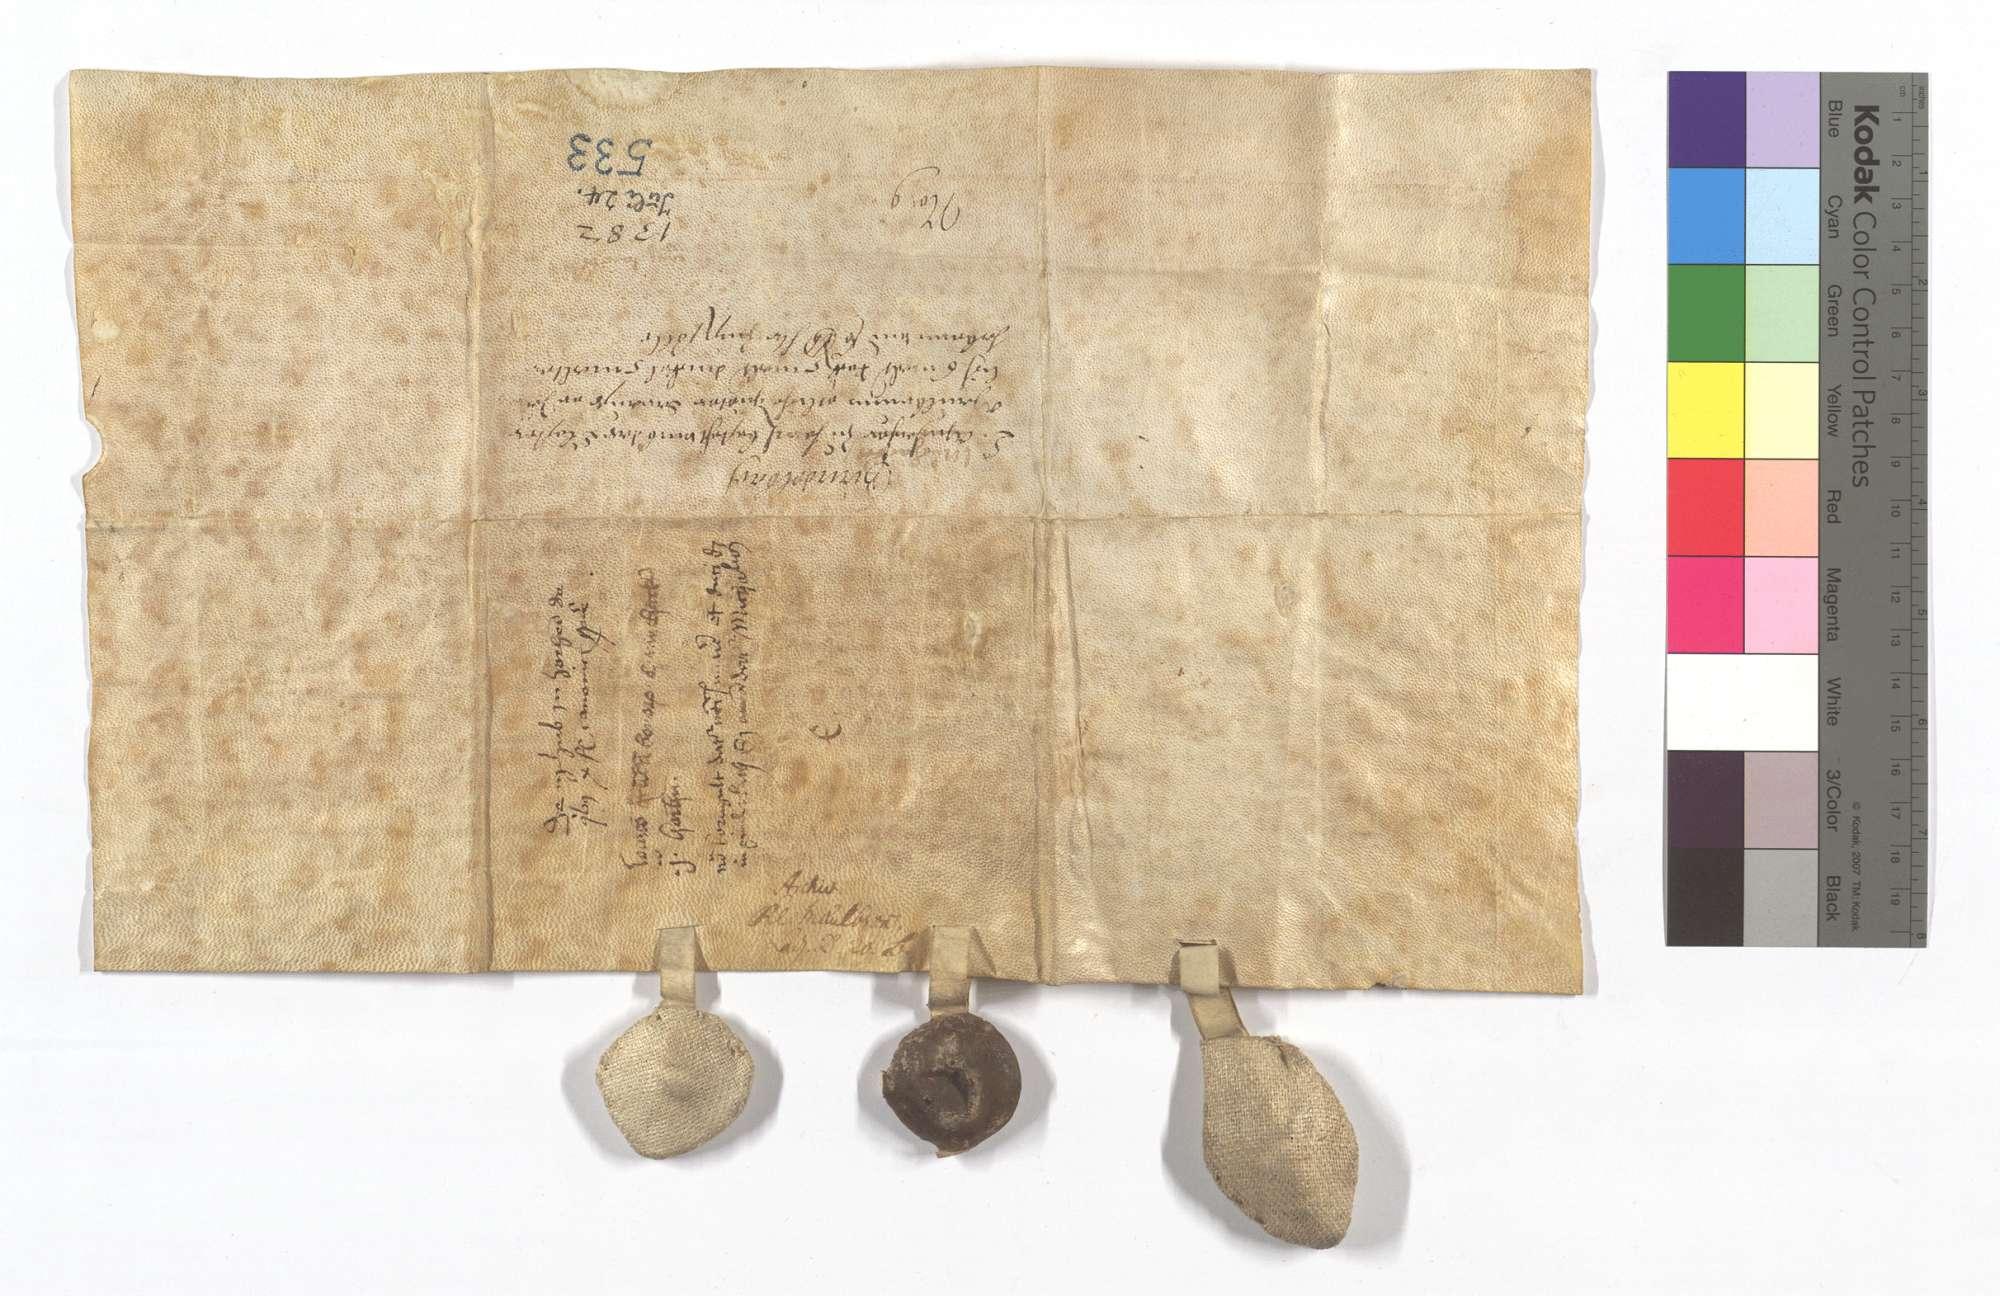 Revers Conrad Muchakkers von Horrheim um etliche Güter zu Gündelbach, aus denen er dem Kloster jährlich 6 Malter Roggen, 5 Malter Dinkel und 5 Malter Hafer (Habern) sowie 4 1/2 Pfund Heller Zins zu geben hat., Rückseite